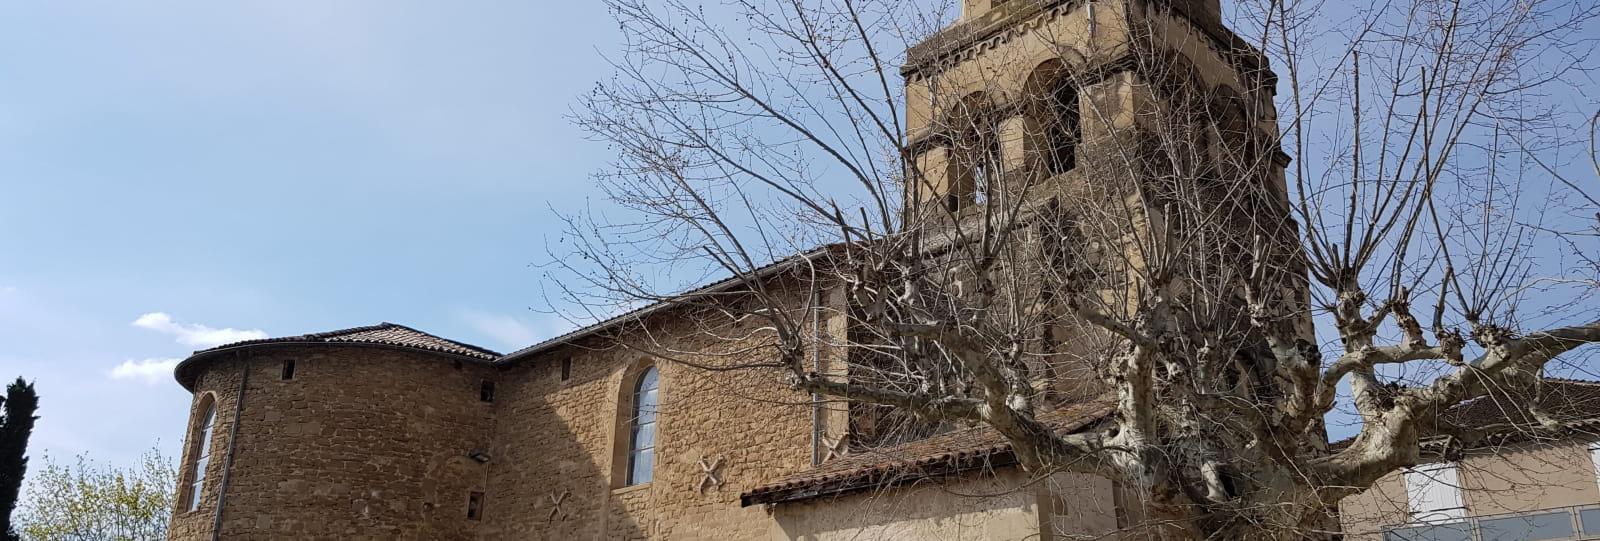 Eglise Notre-Dame de Mours-Saint-Eusèbe